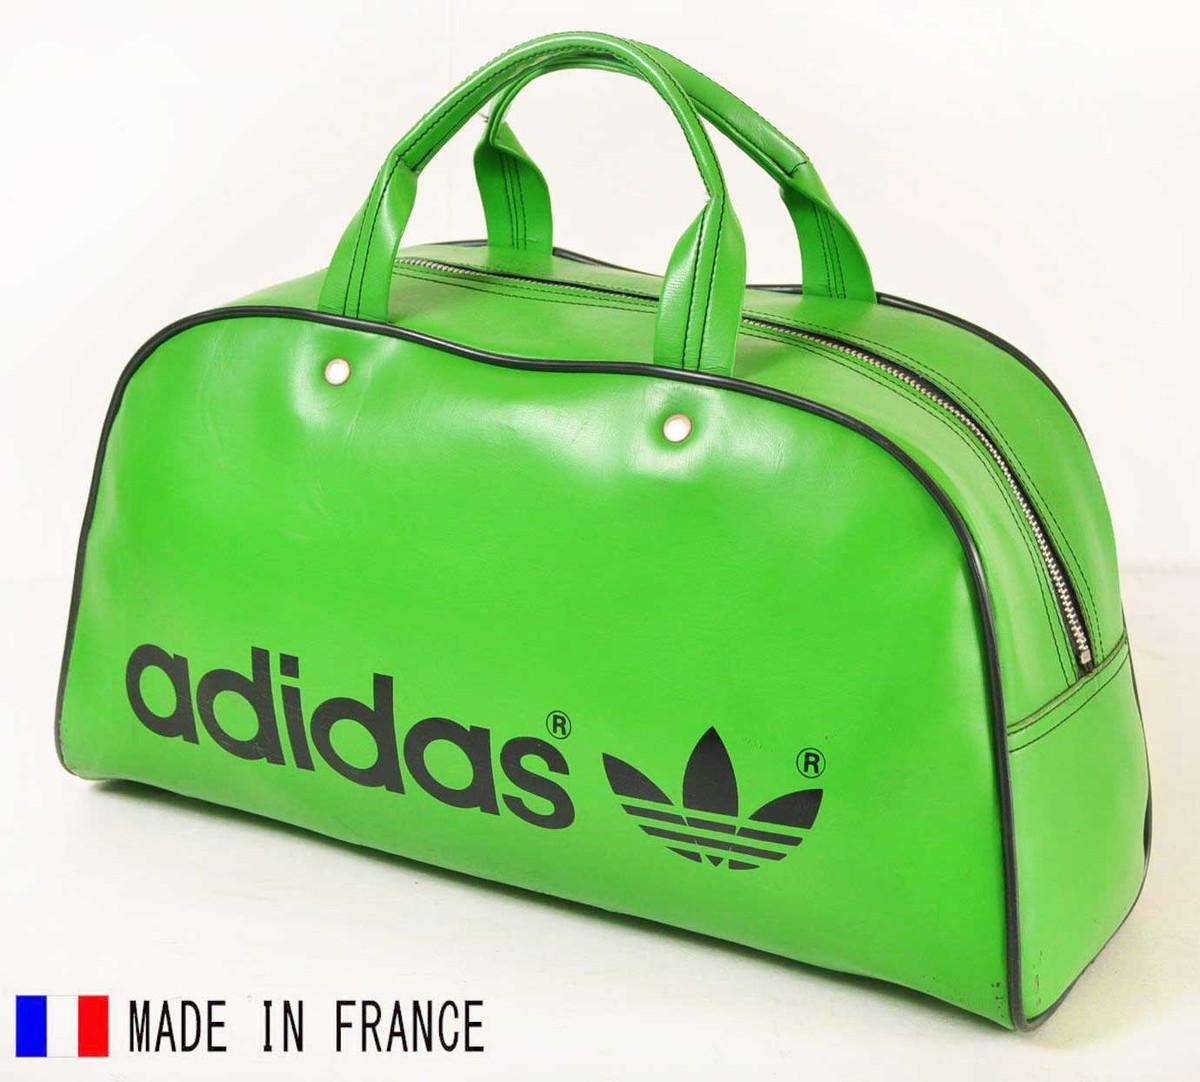 ヴィンテージ 1970年代 フランス製 adidas アディダス スポーツ ボストンバッグ グリーン【中古】▼